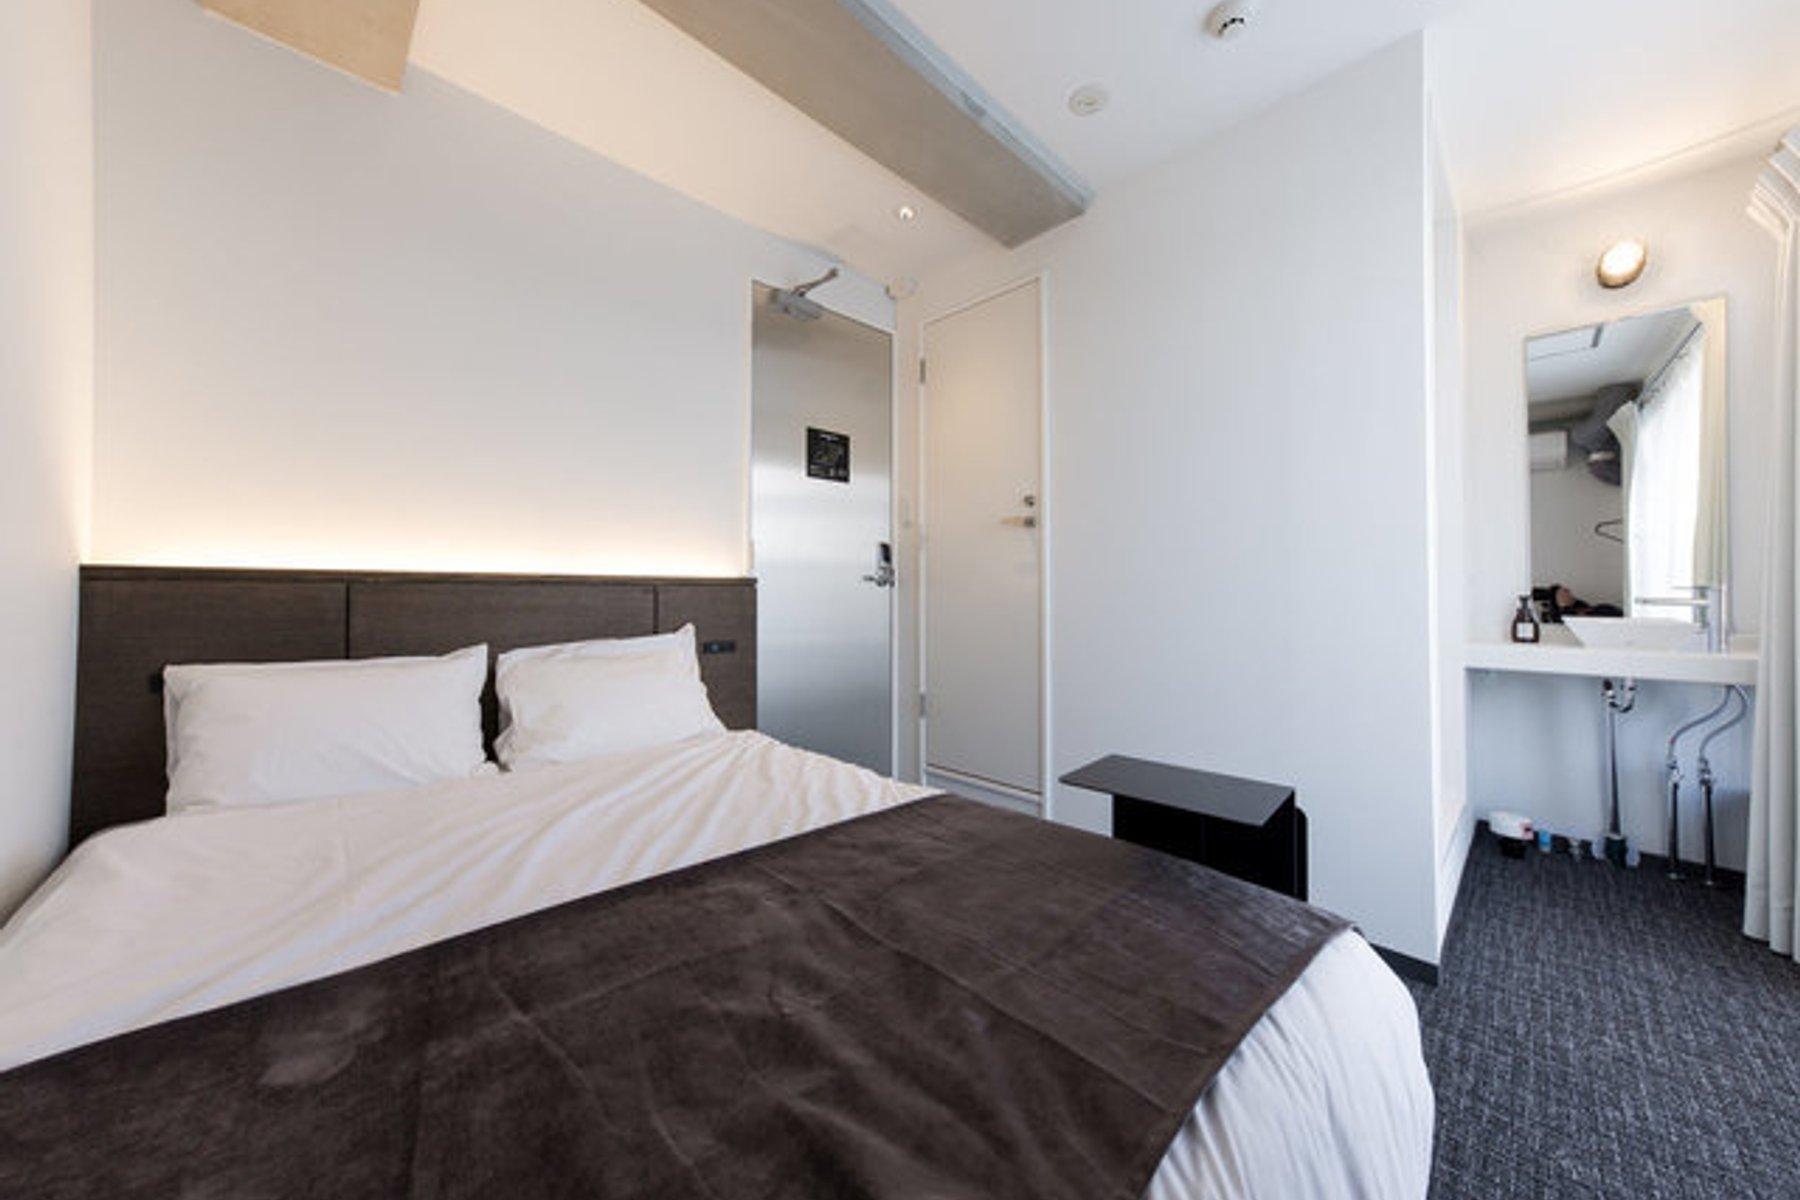 室内は白を基調としたシンプルなデザインで、とても綺麗。水回りも専用のものが備え付けられています。ダブルベッドもあるので、毎日ゆっくり睡眠をとってくださいね。